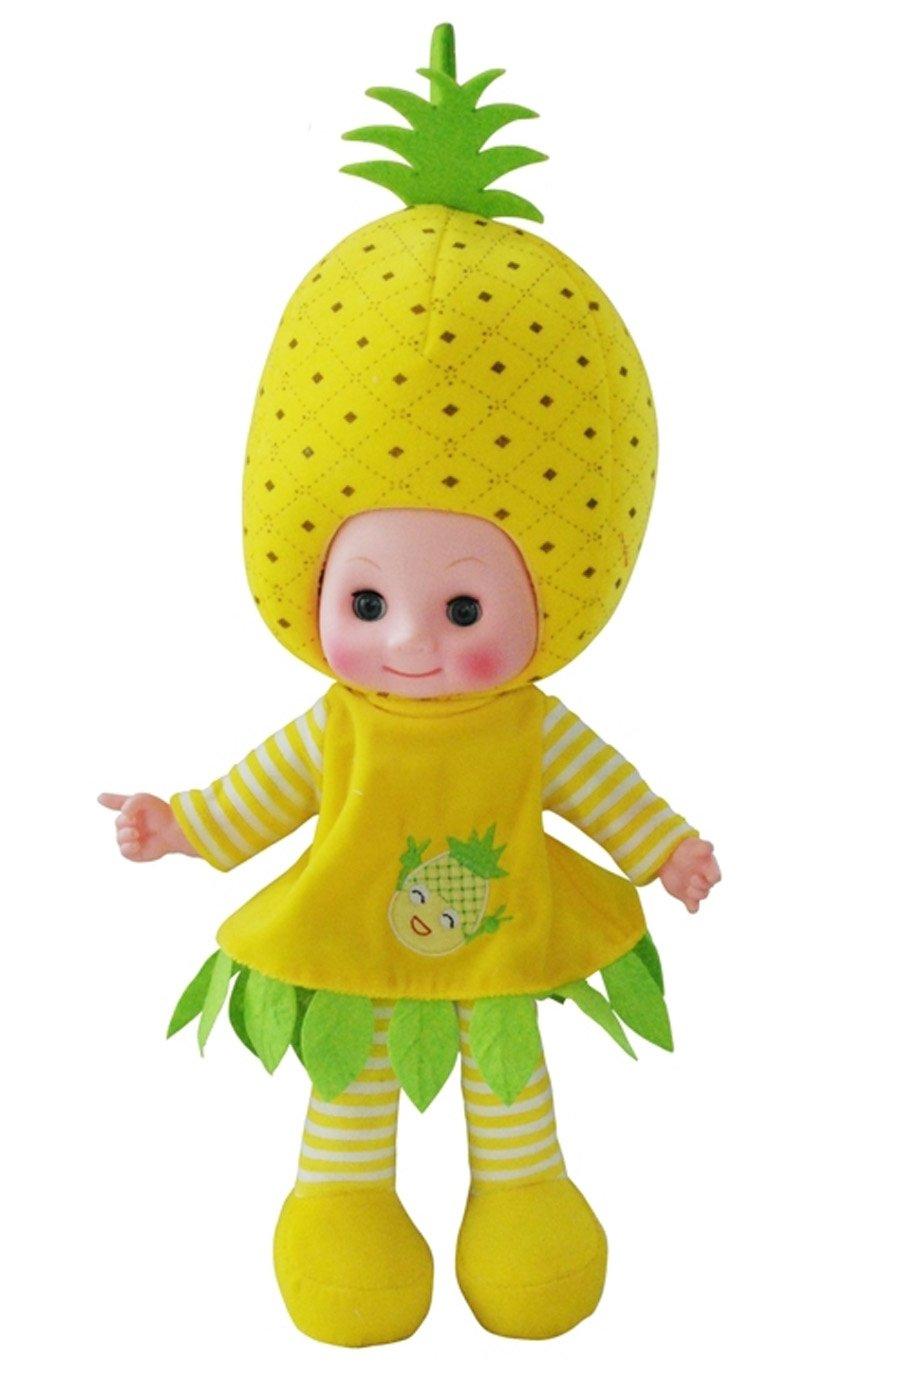 adingb爱丁堡 水果娃娃 可爱毛绒娃娃 会说话娃娃 (菠萝)